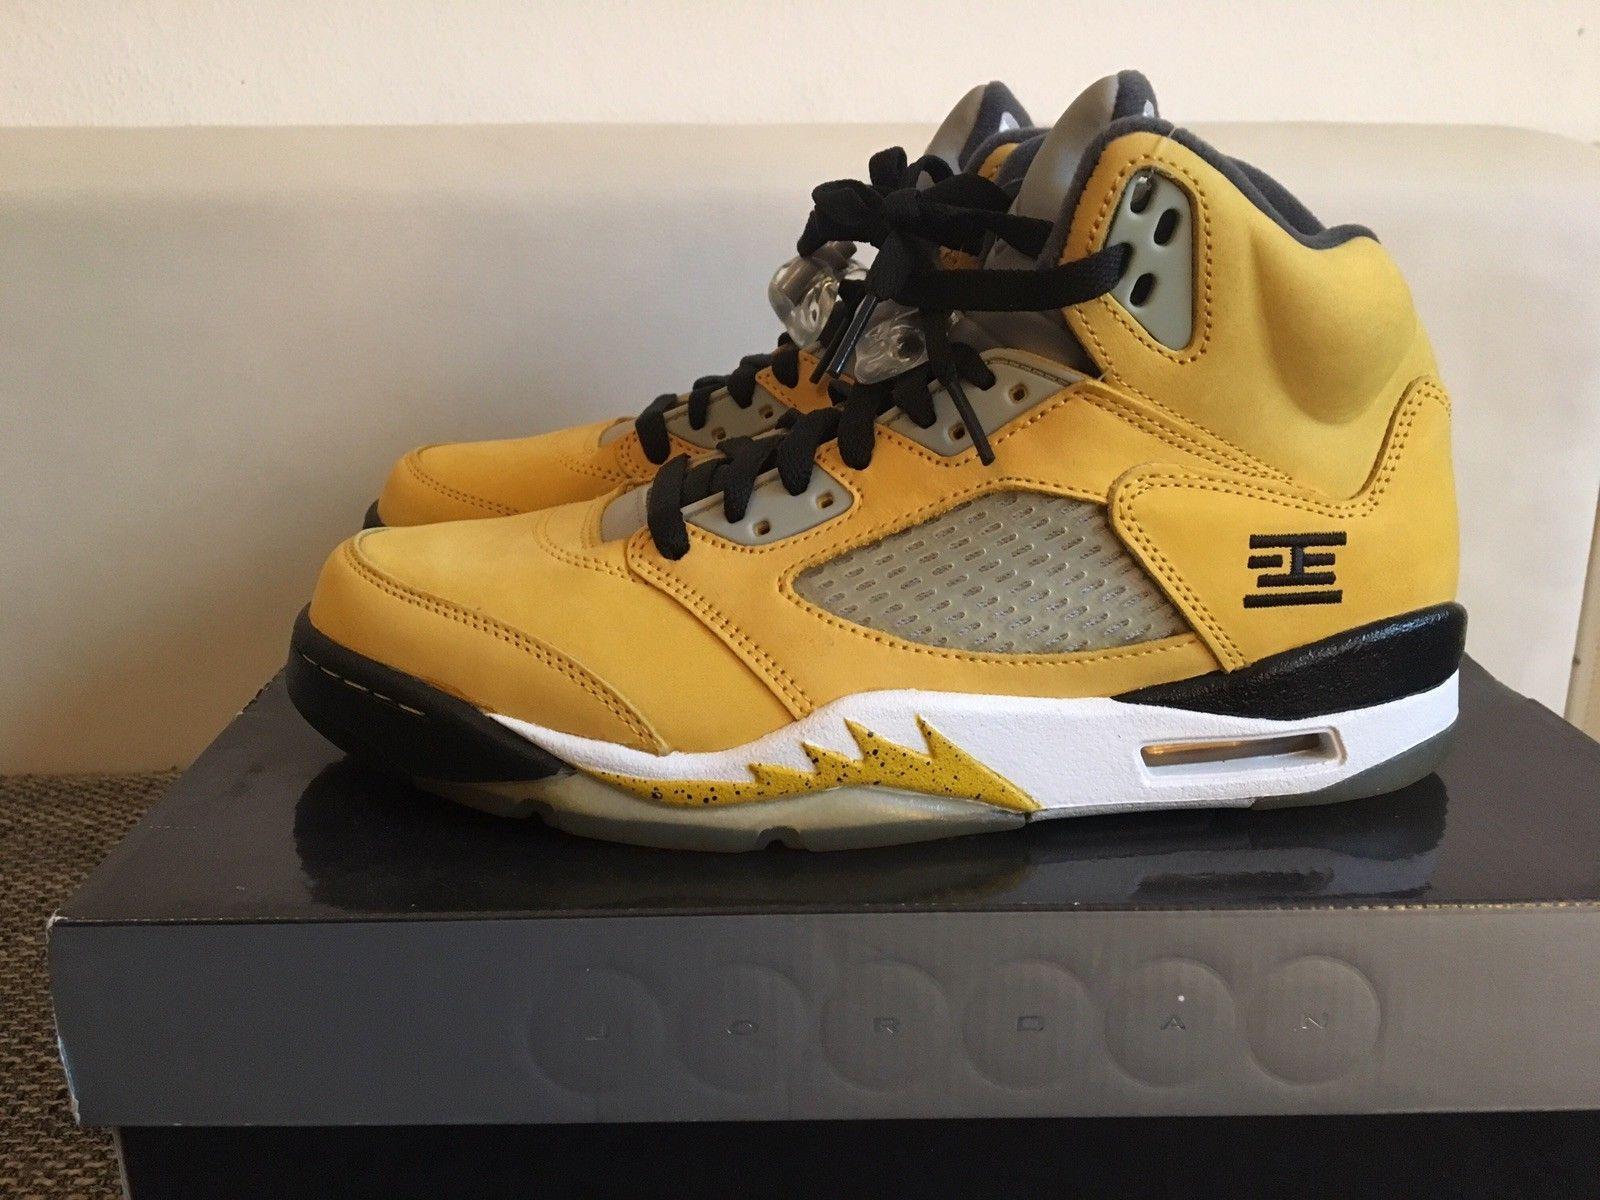 Nike AIR JORDAN 5 RETRO T23